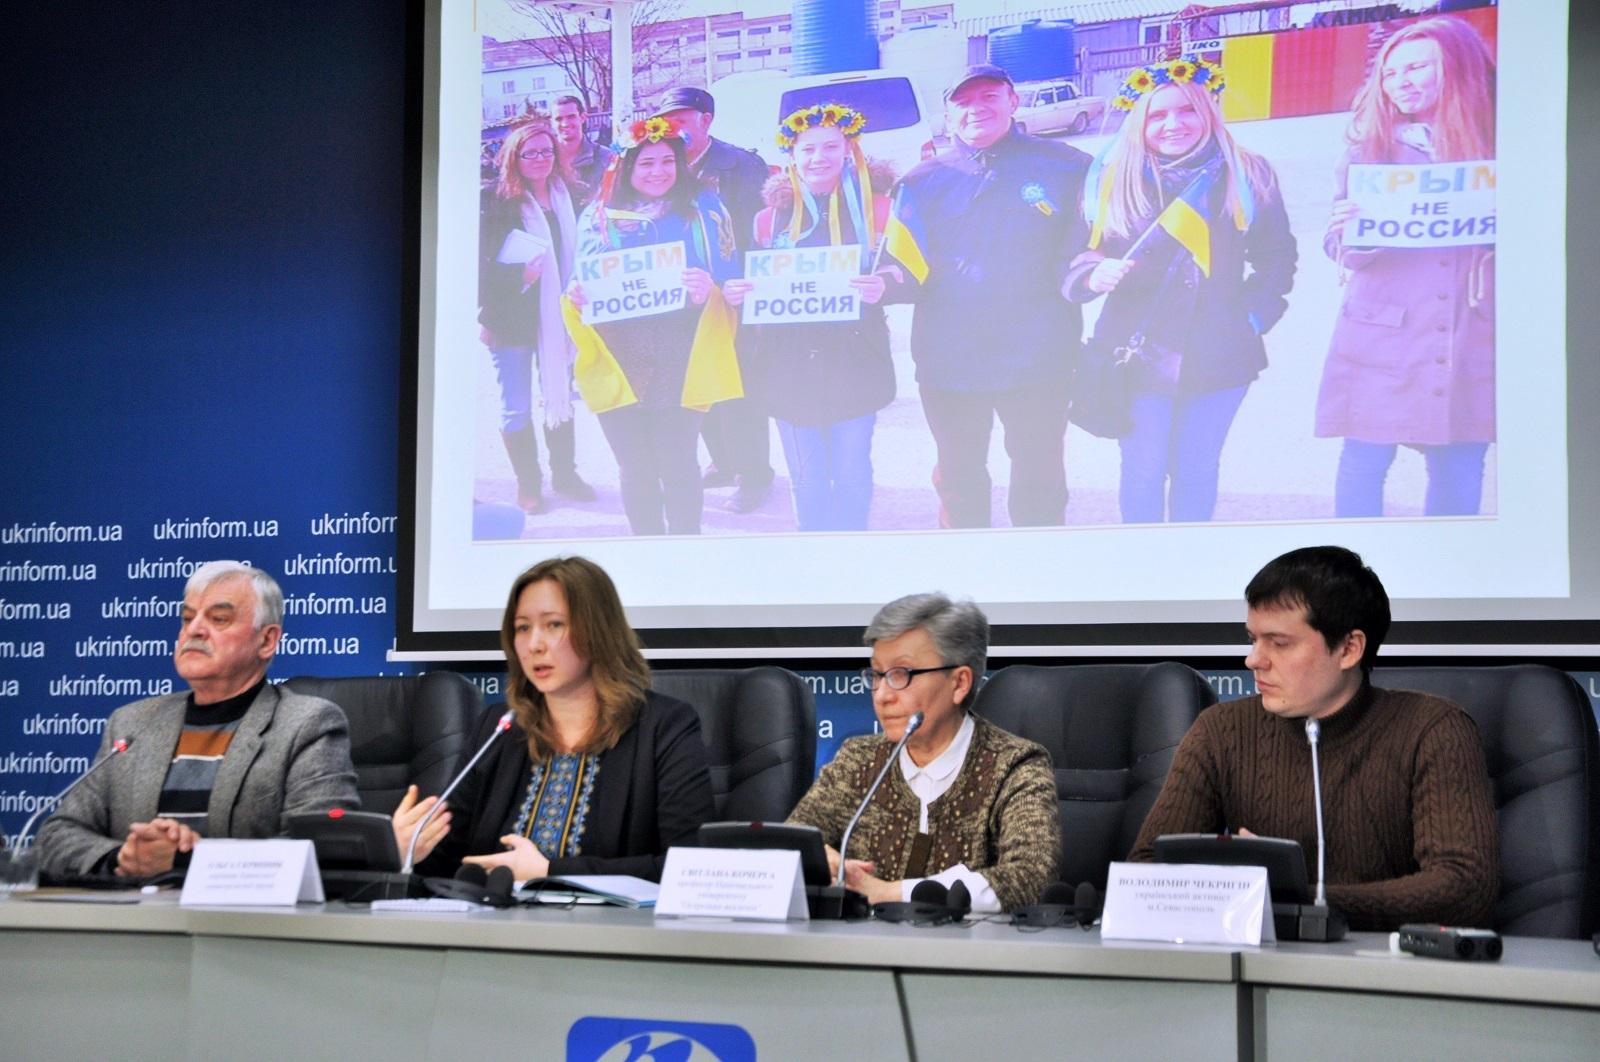 Проблему дискриминации украинцев вКрыму нужно решать намеждународном уровне